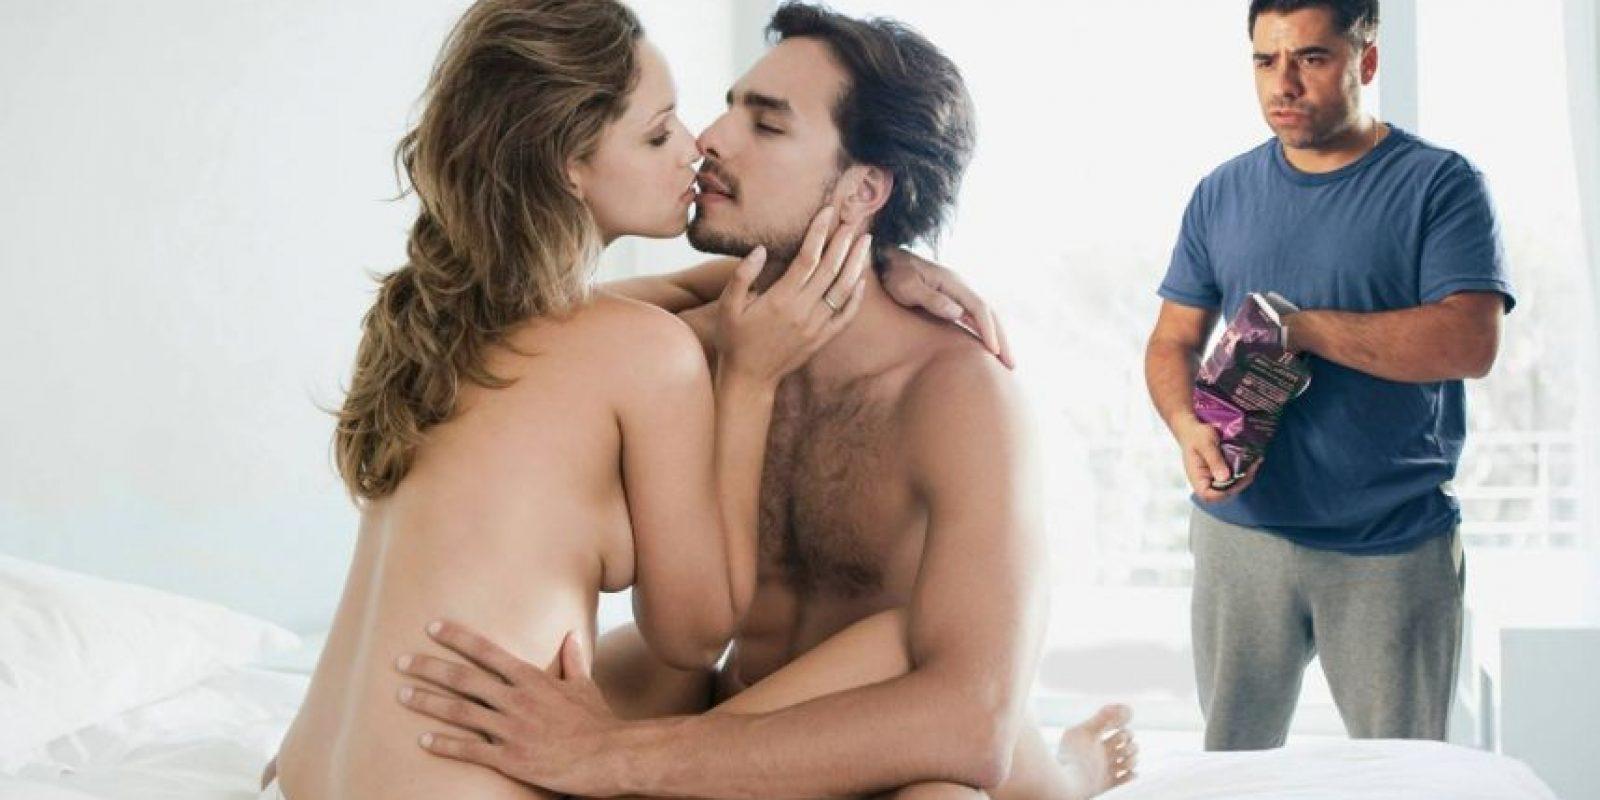 En medio del sexo. Foto:TheStockPhotoBomber/Facebook